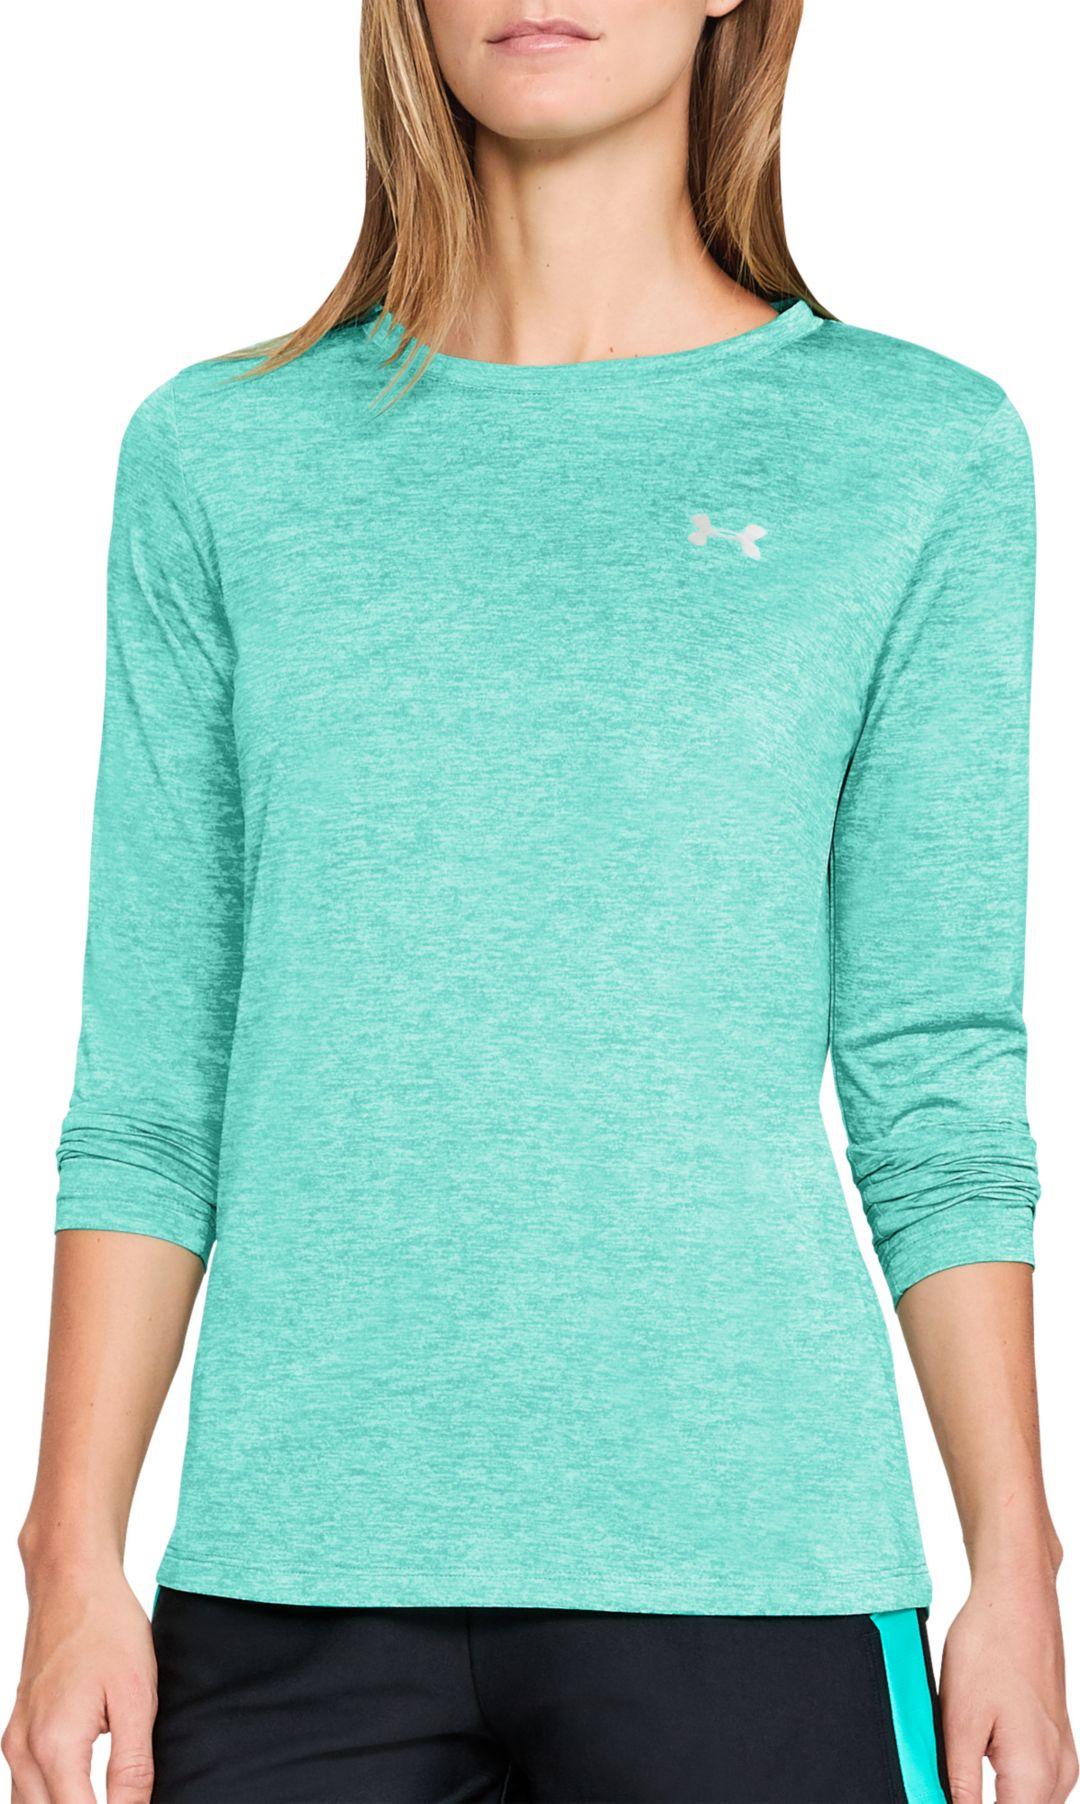 77a448fae1 Under Armour Women's Tech Twist Print Long Sleeve Shirt